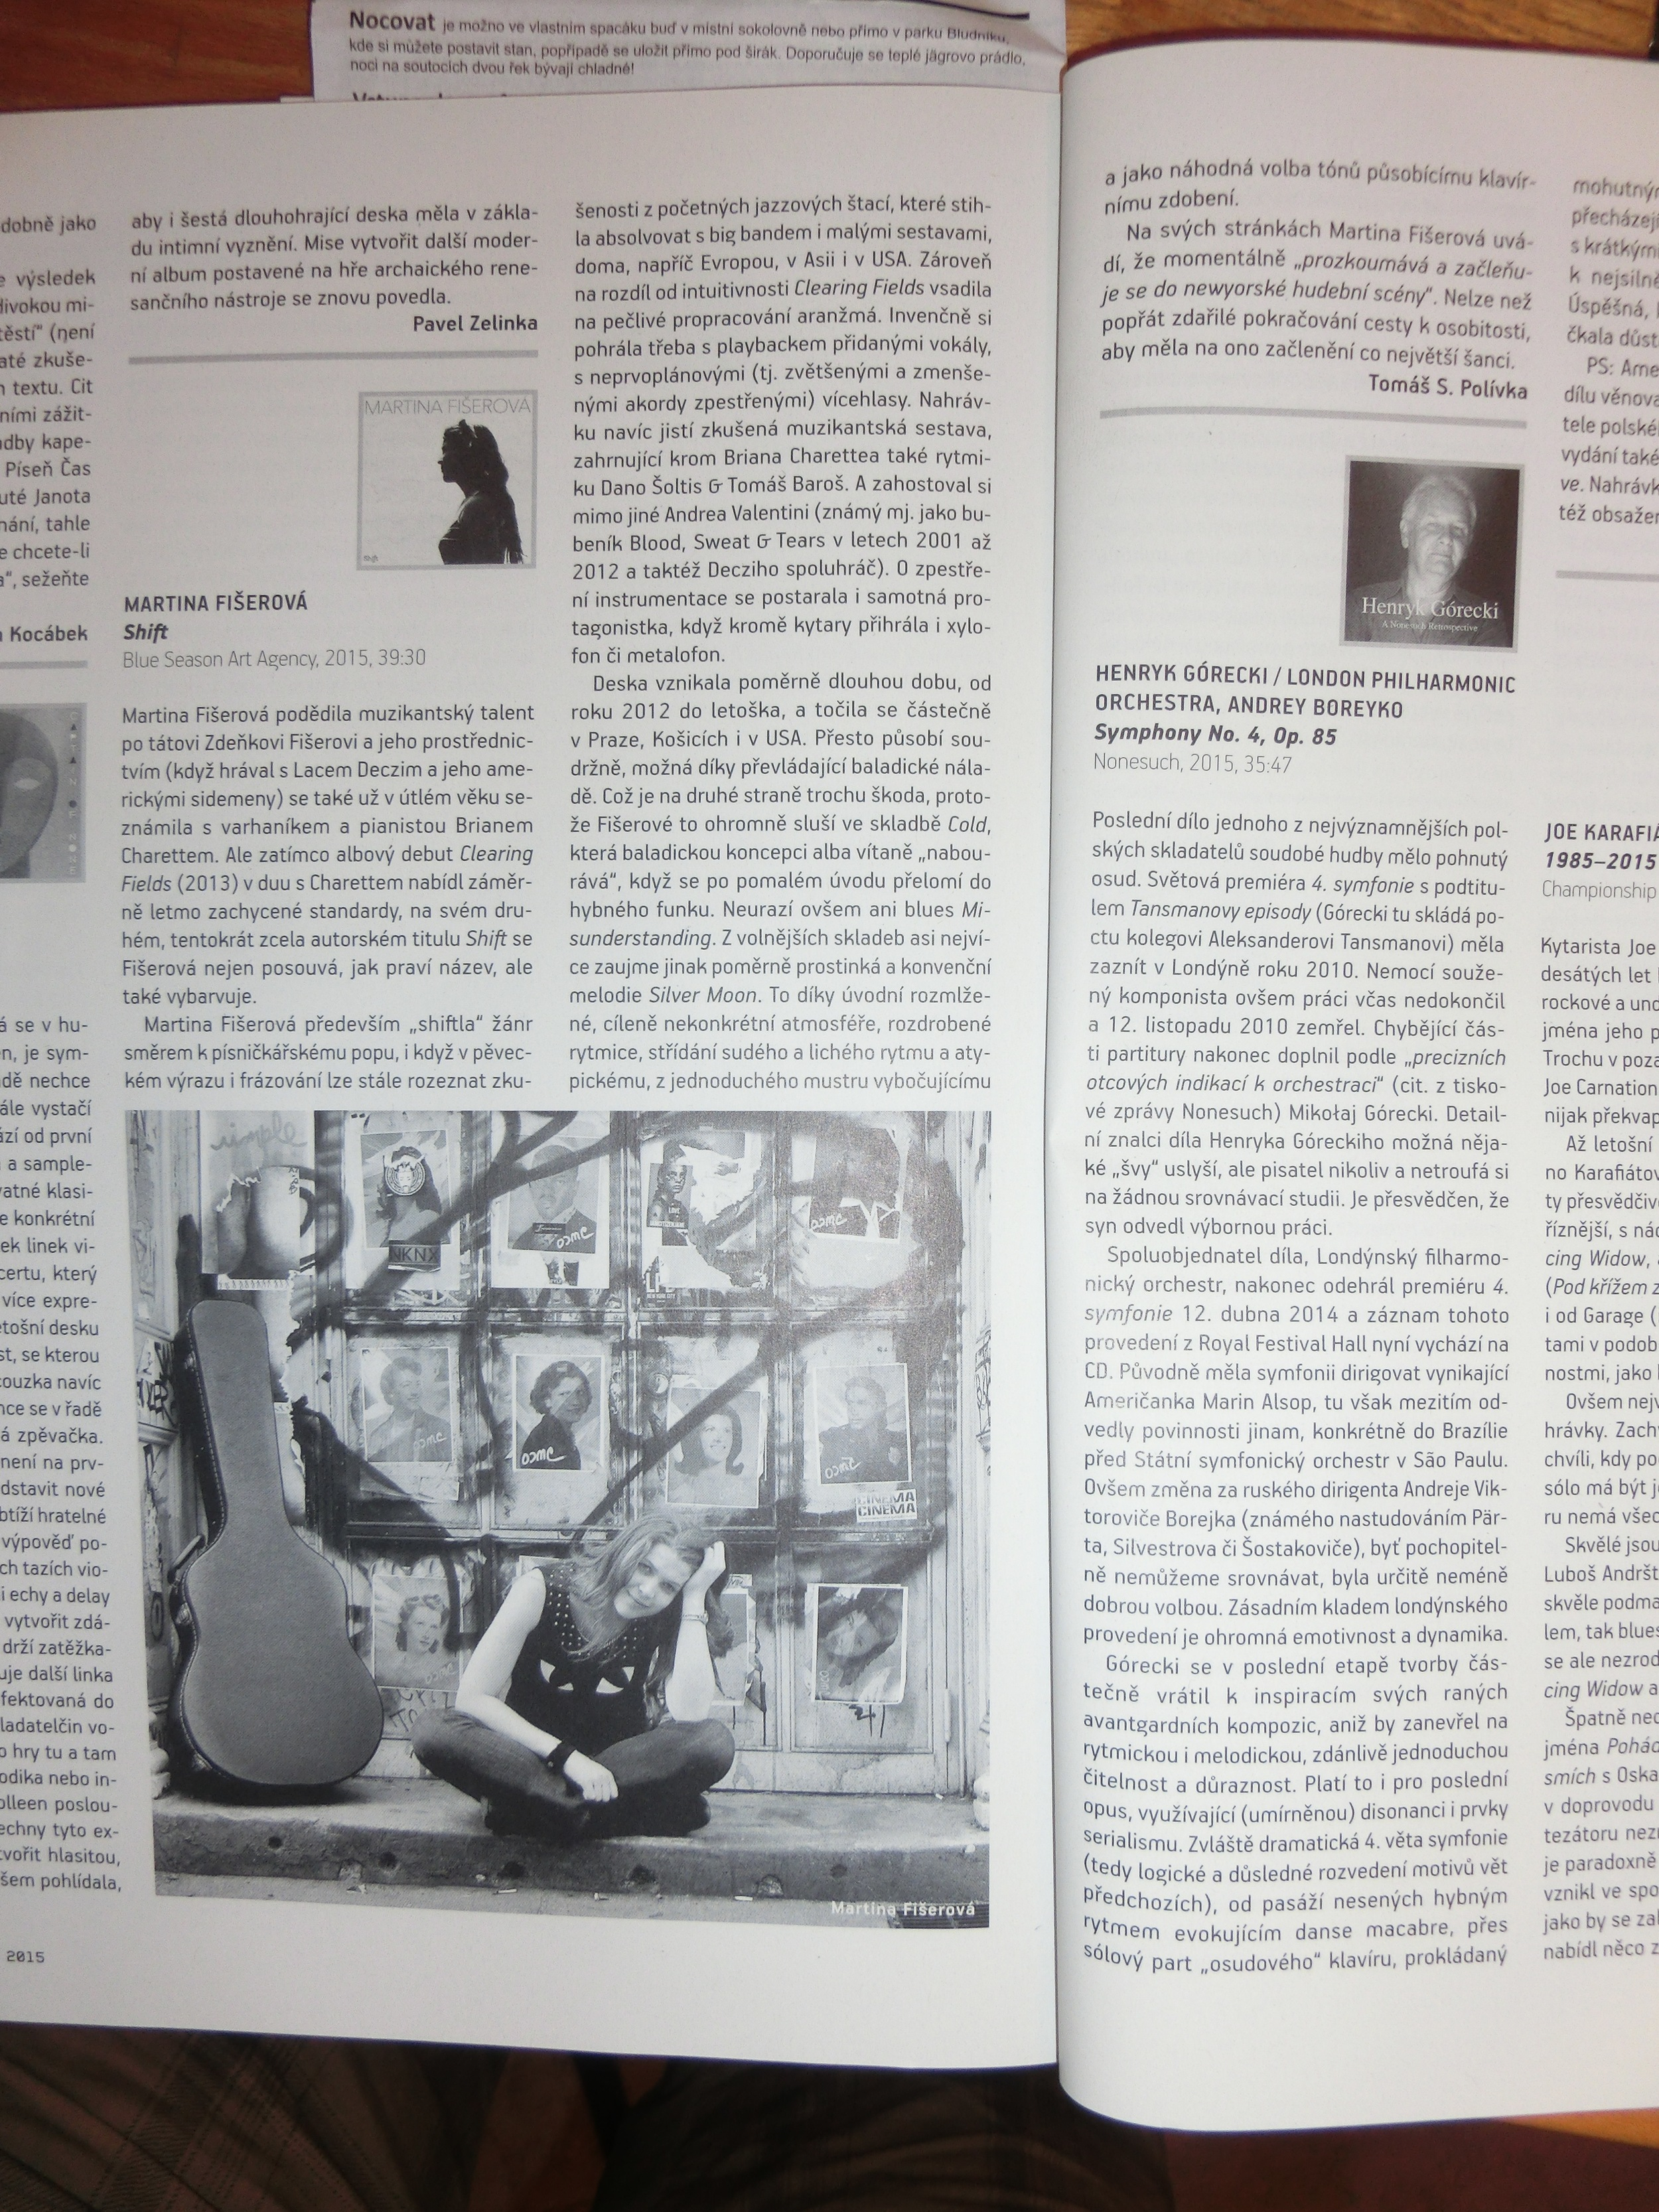 Recenze CD SHIFT v Kulturním magazínu UNI / SHIFT CD Review in UNI